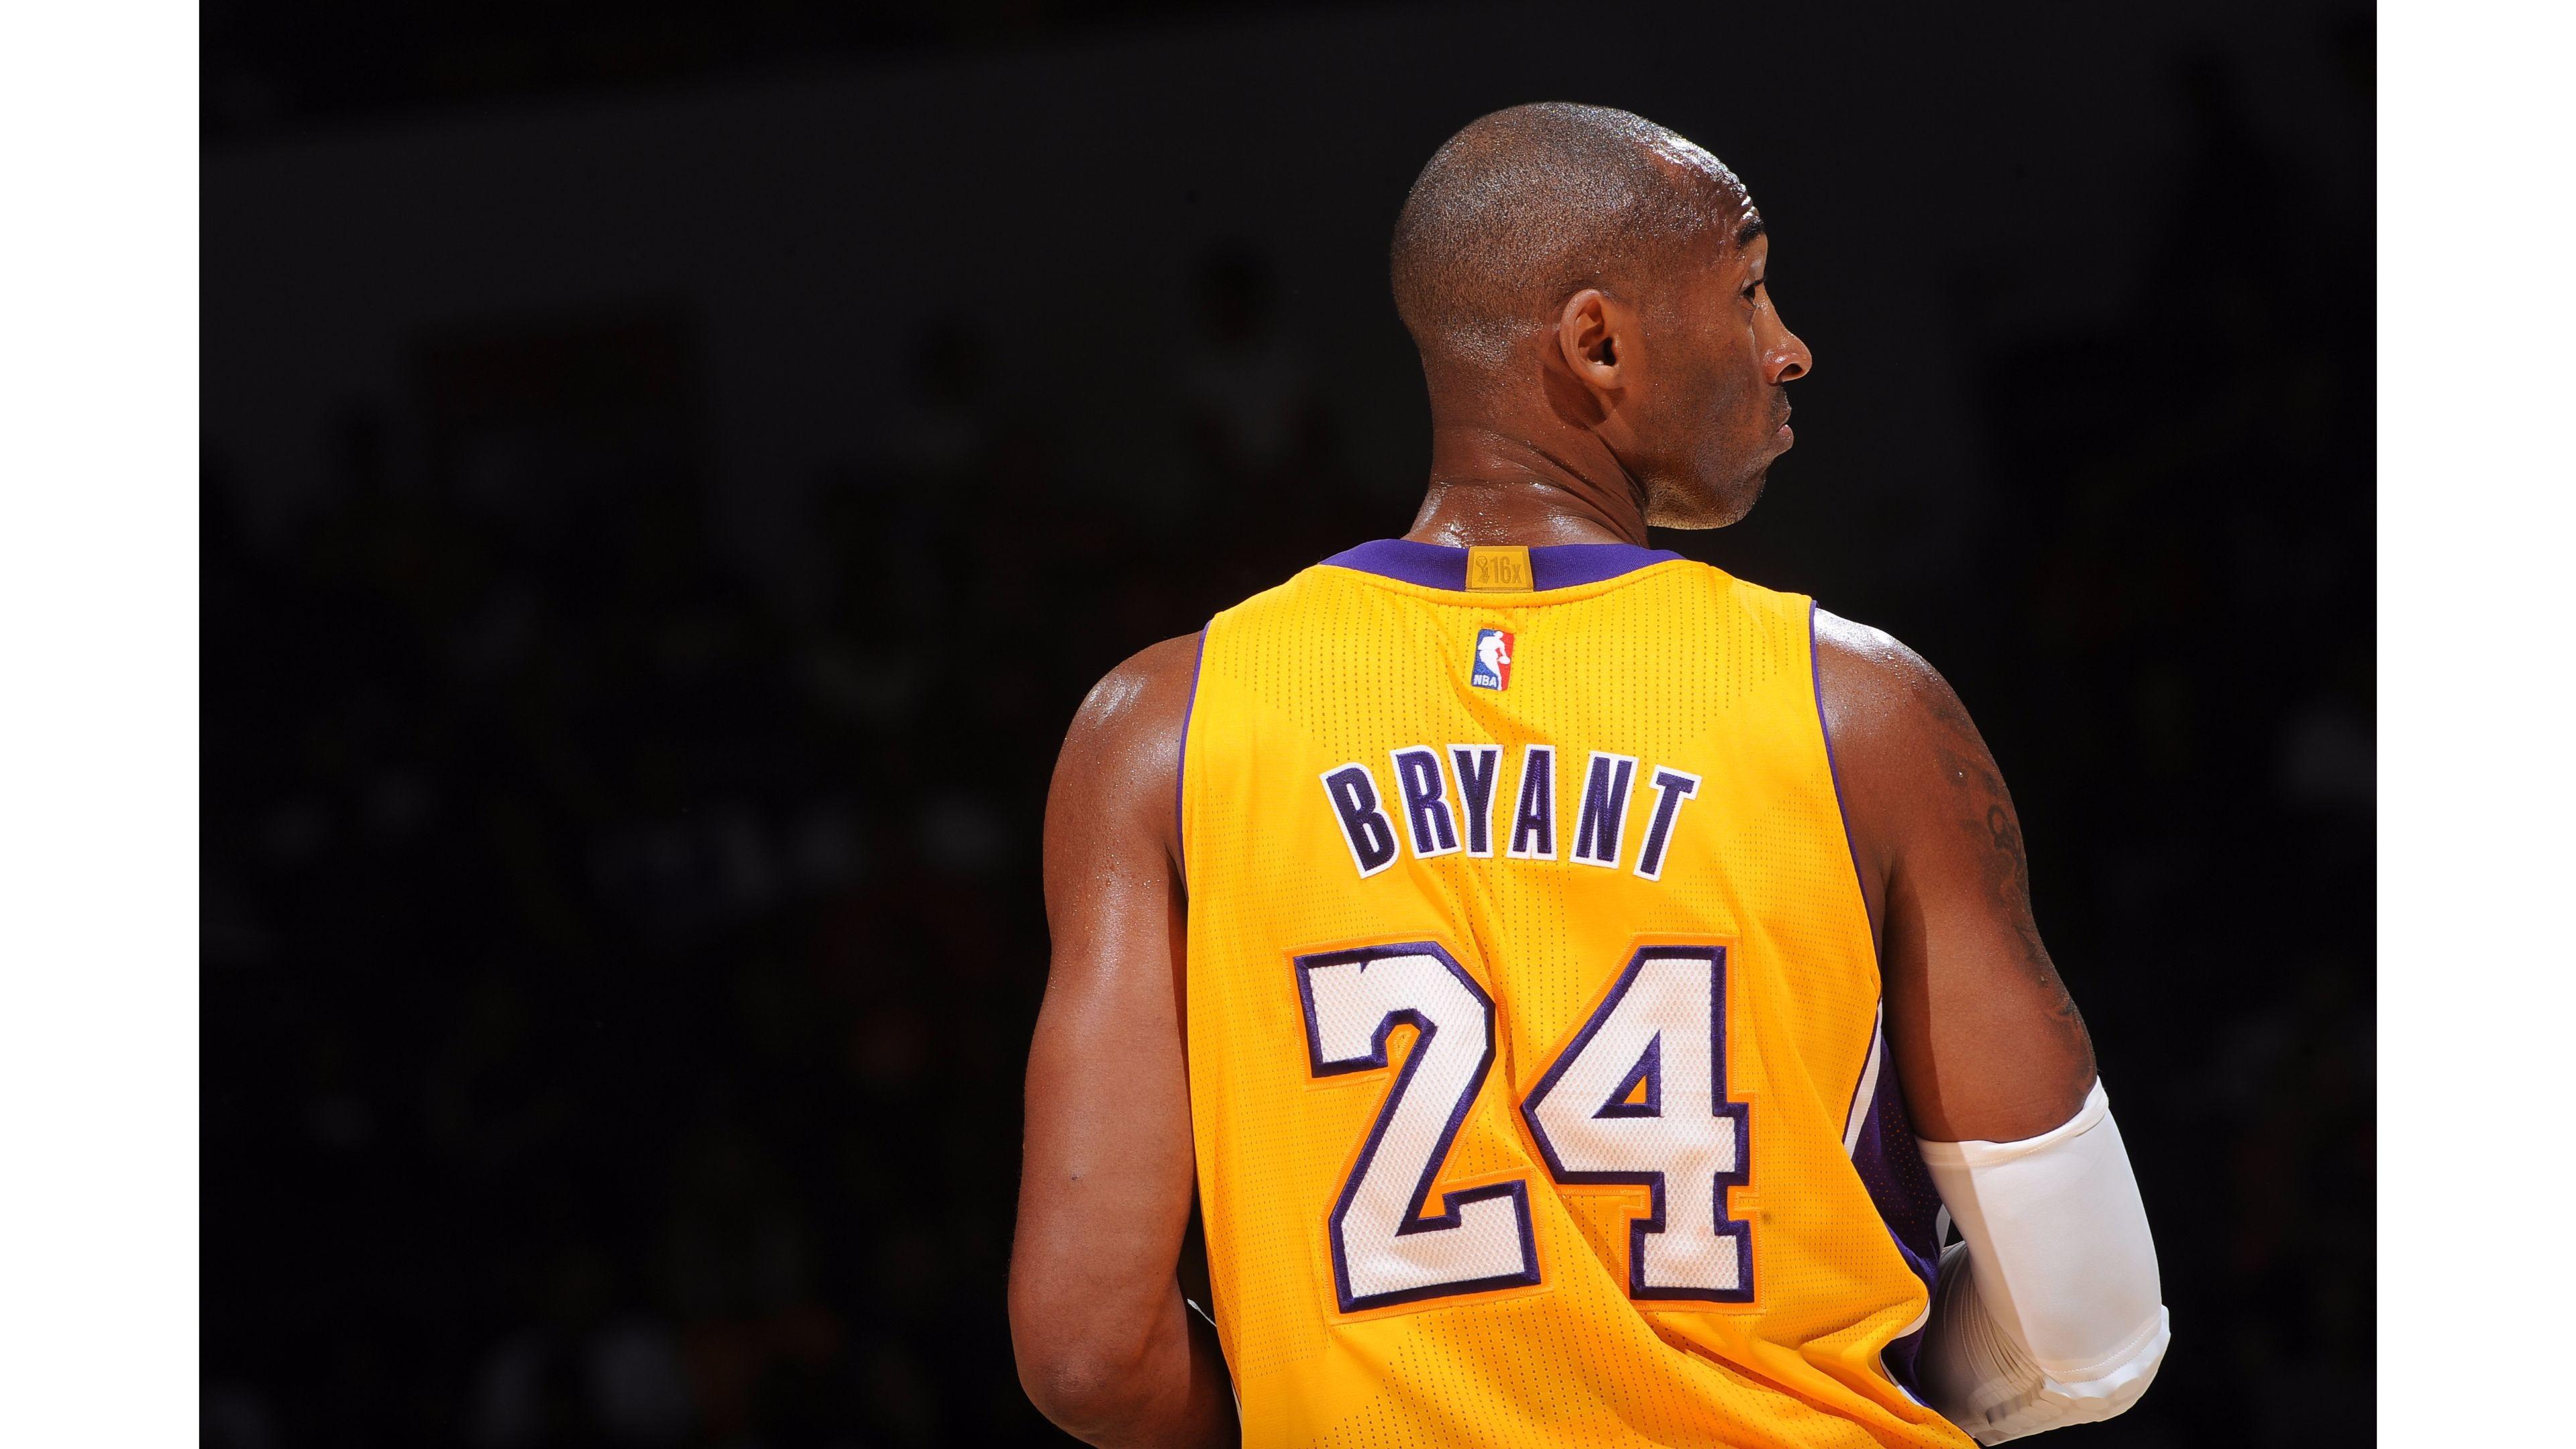 Res: 3840x2160, Lakers #24 Kobe Bryant 4K Wallpaper